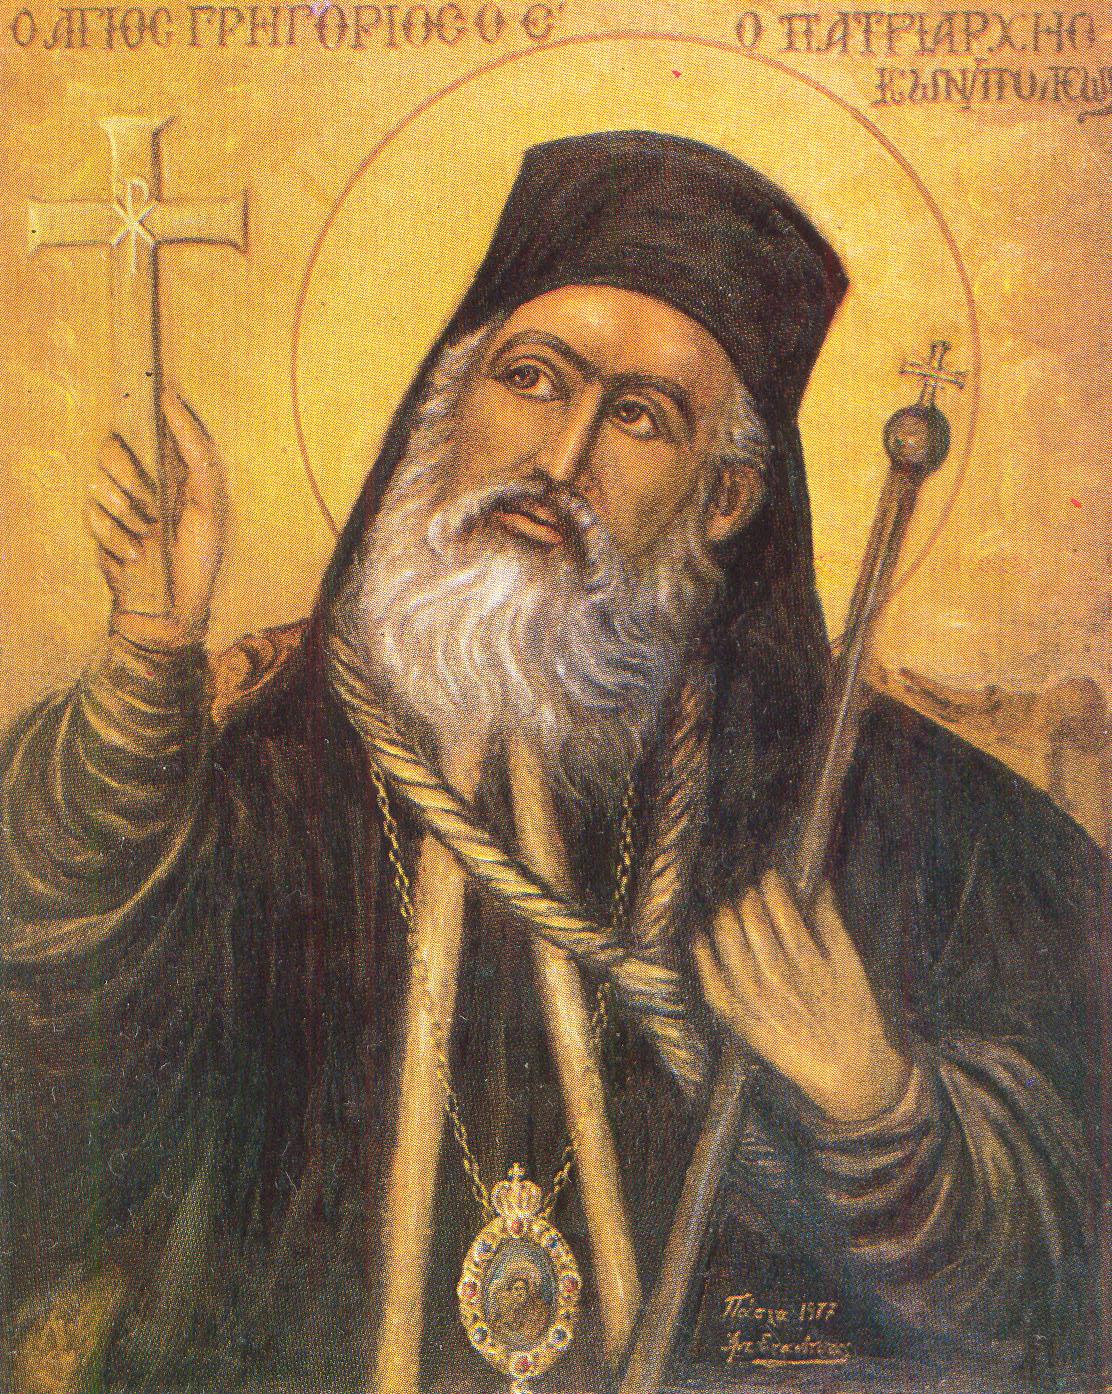 Ο Εθνοιερομάρτυς Οικουμενικός Πατριάρχης  Αγιος Γρηγόριος Ο Ε΄ (1745-1821)